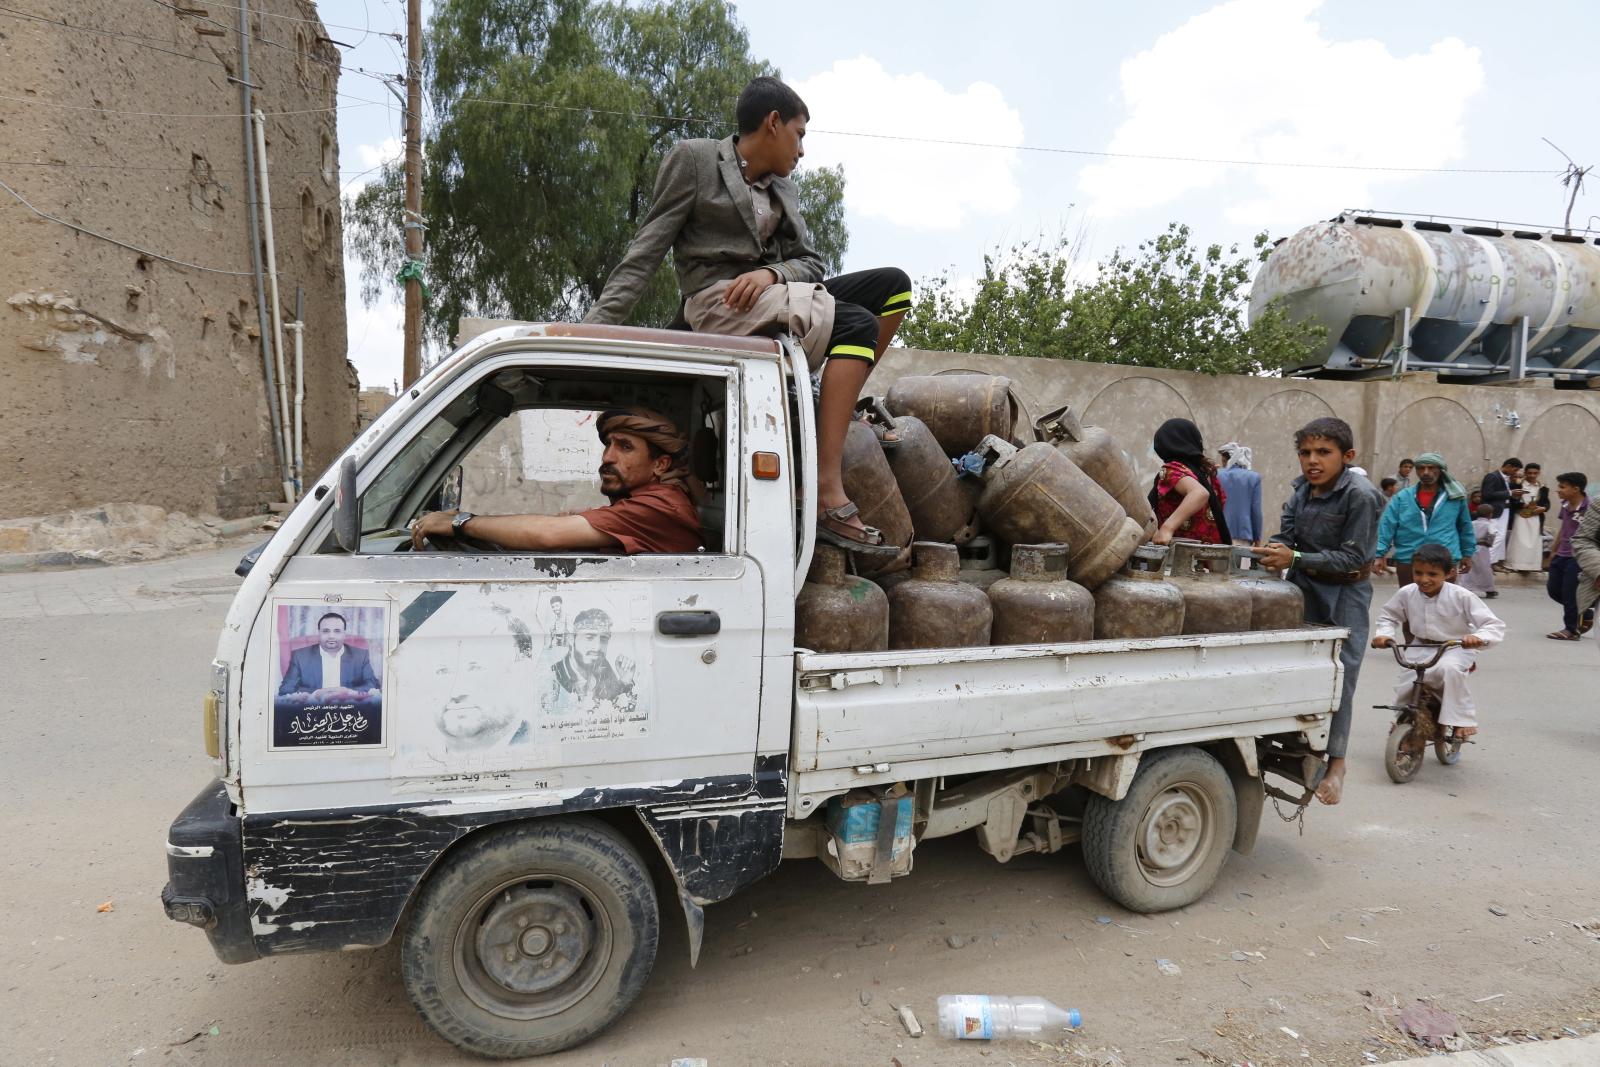 W Jemenie wciąż kryzys humanitarny. Jeden z mężczyzn rozwozi gaz w butlach. Fot. EPA/YAHYA ARHAB